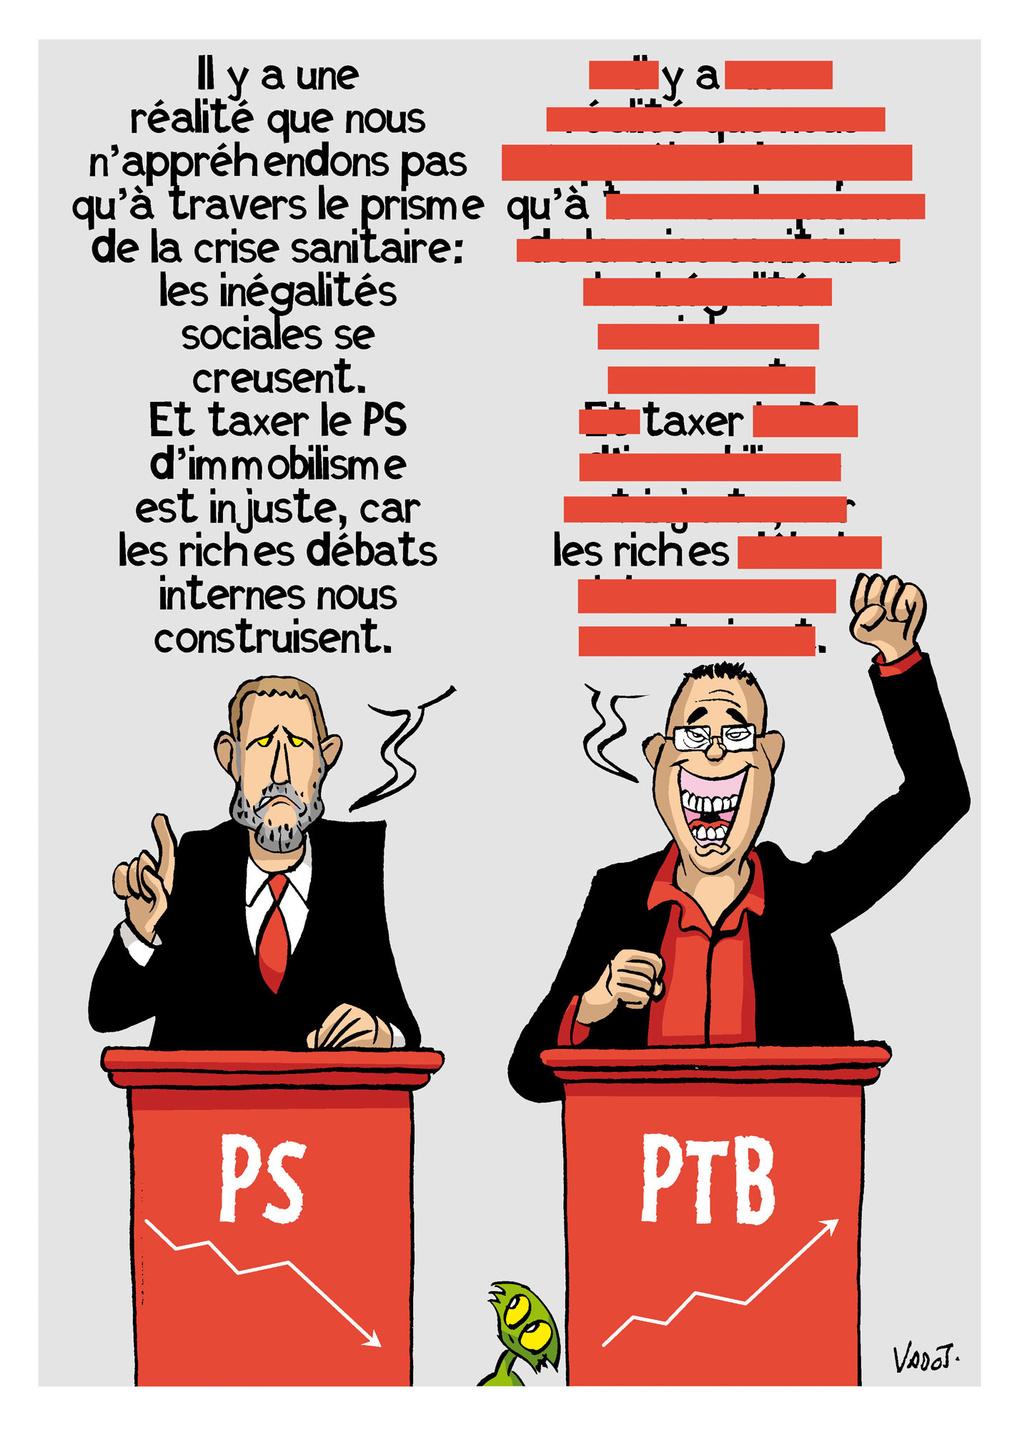 Le PS envoie ses cadors au front pour dénoncer les discours simplistes du PTB, très en vogue dans les sondages., Vadot